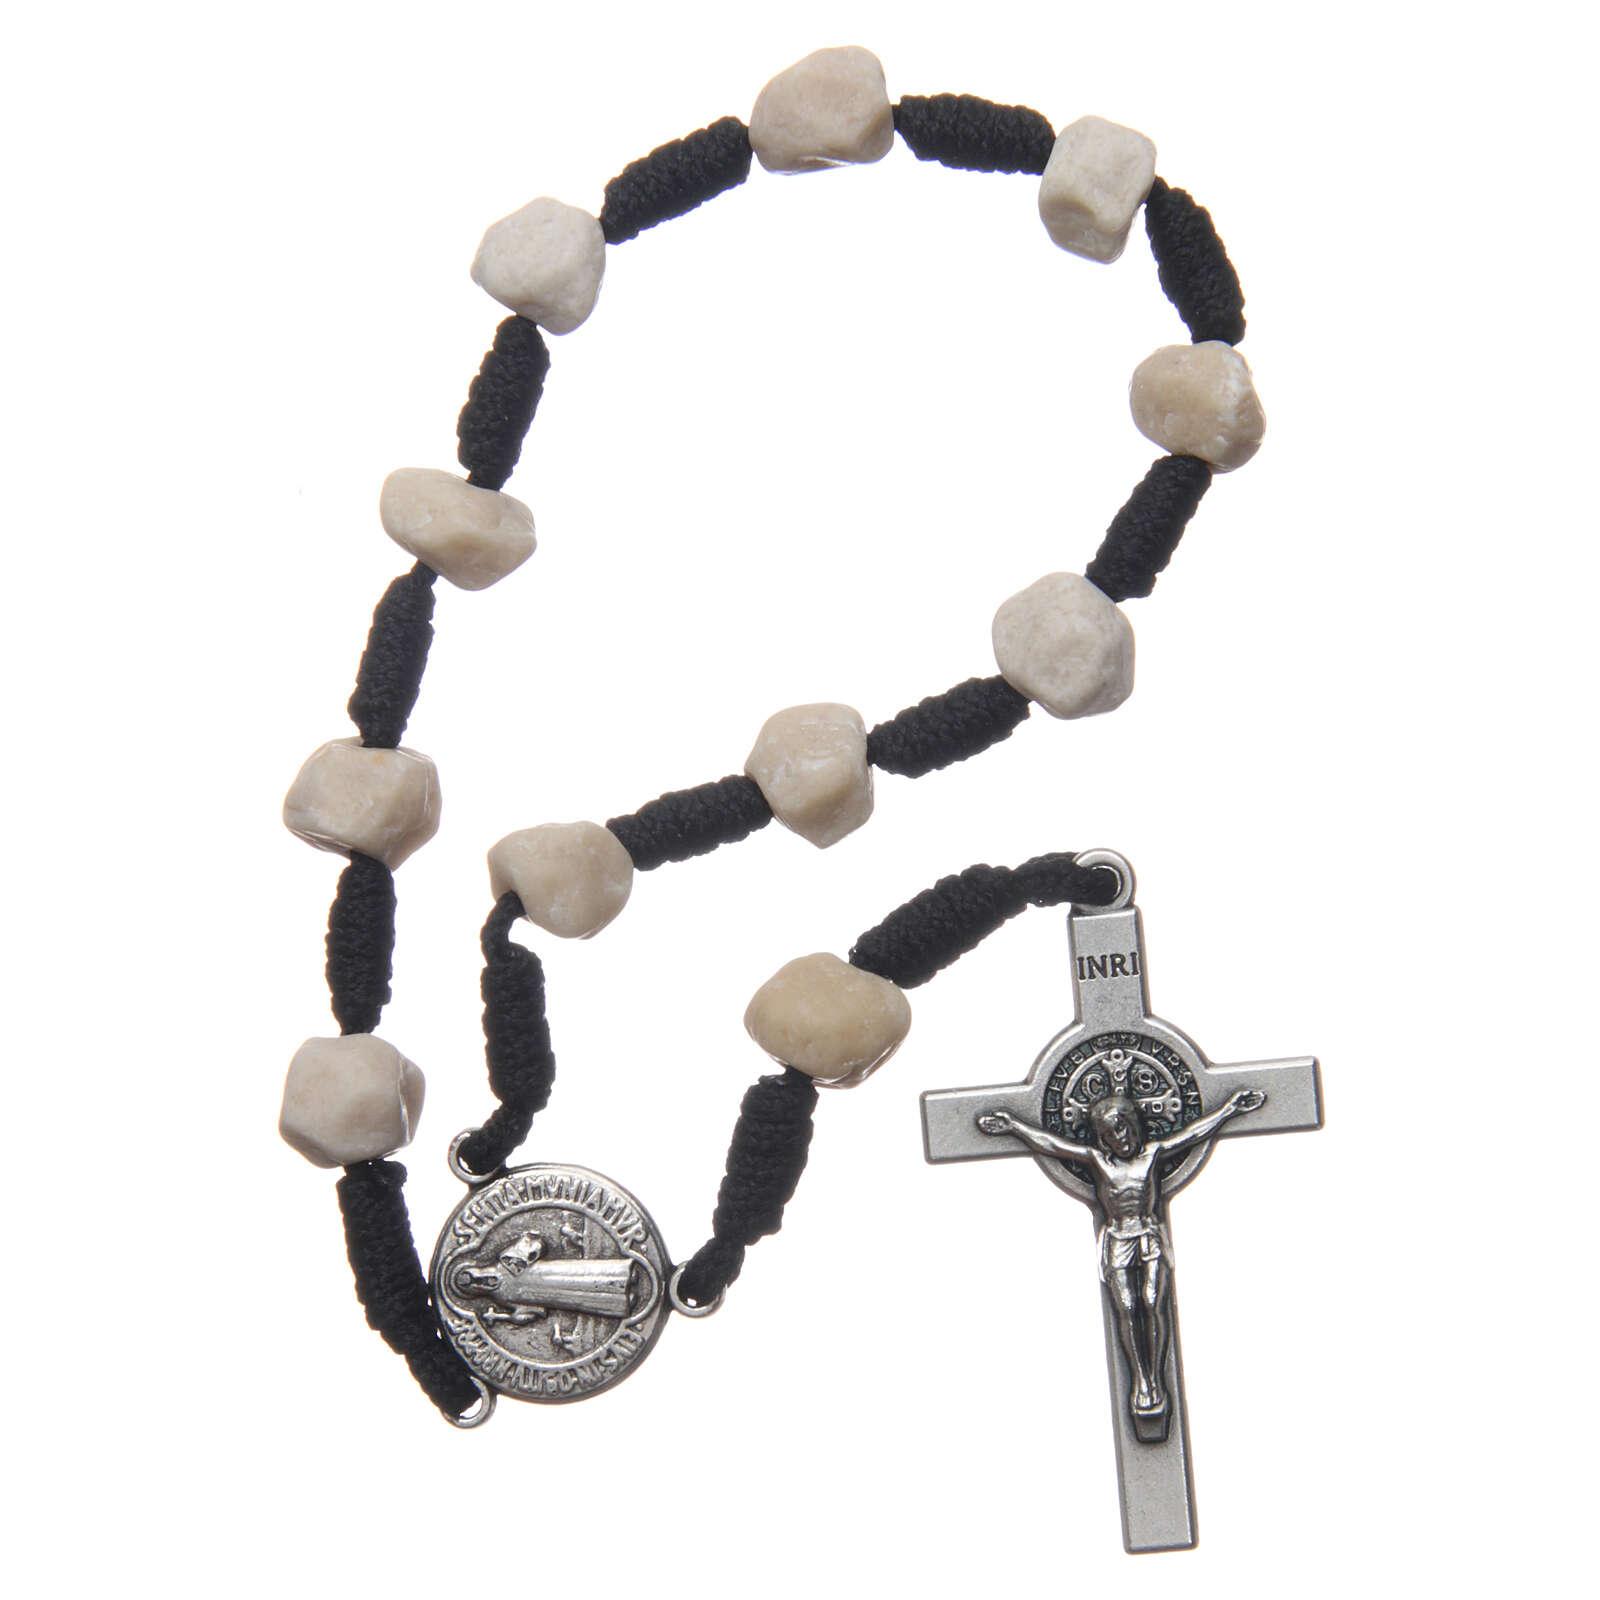 Dezena Medjugorje contas em pedra e crucifixo São Bento 4